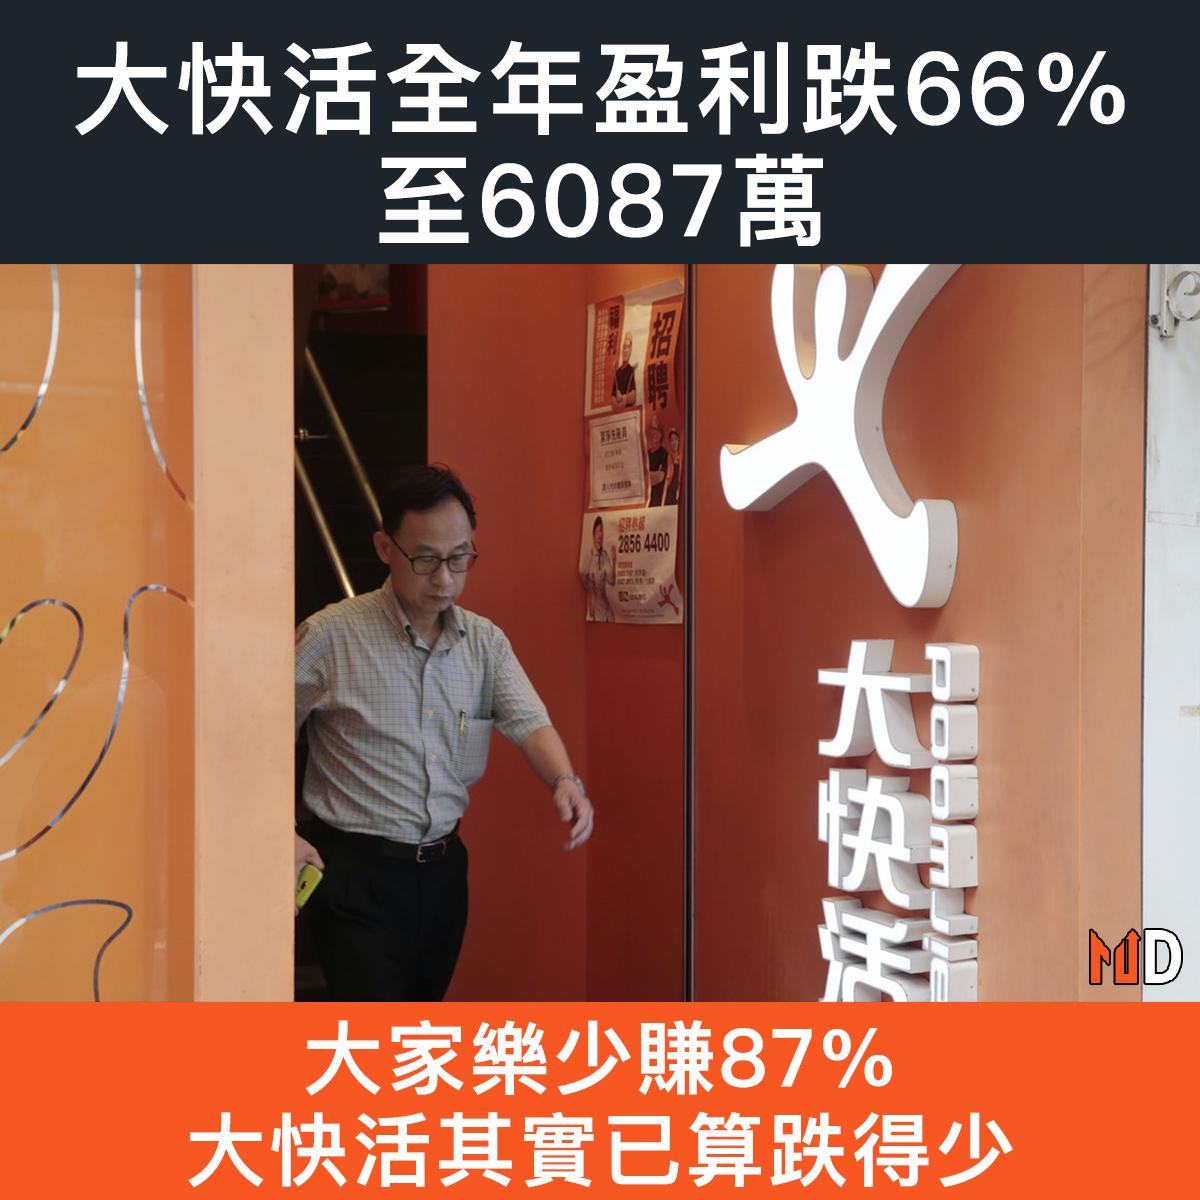 【市場熱話】大快活全年盈利跌66%至6087萬